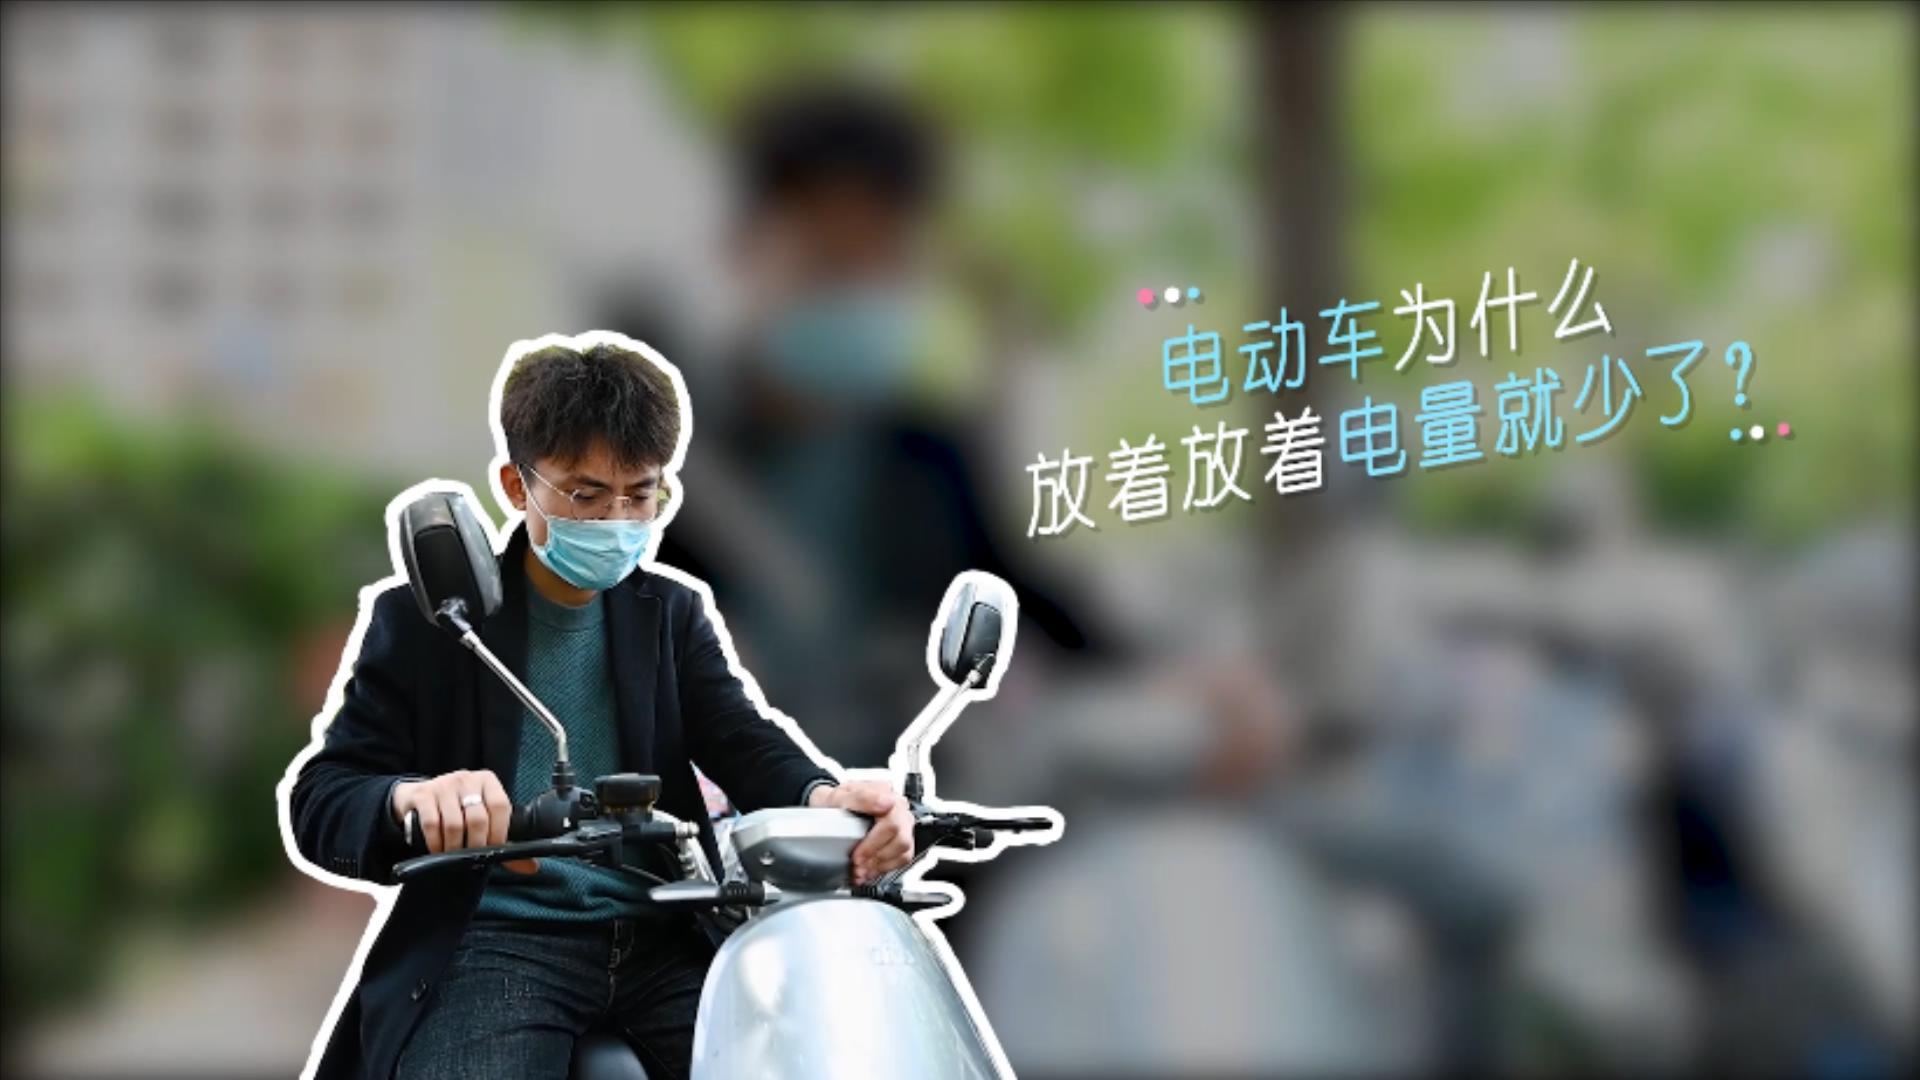 总裁说车第2期:电动车放着不骑,电量却越来越少,正常吗?